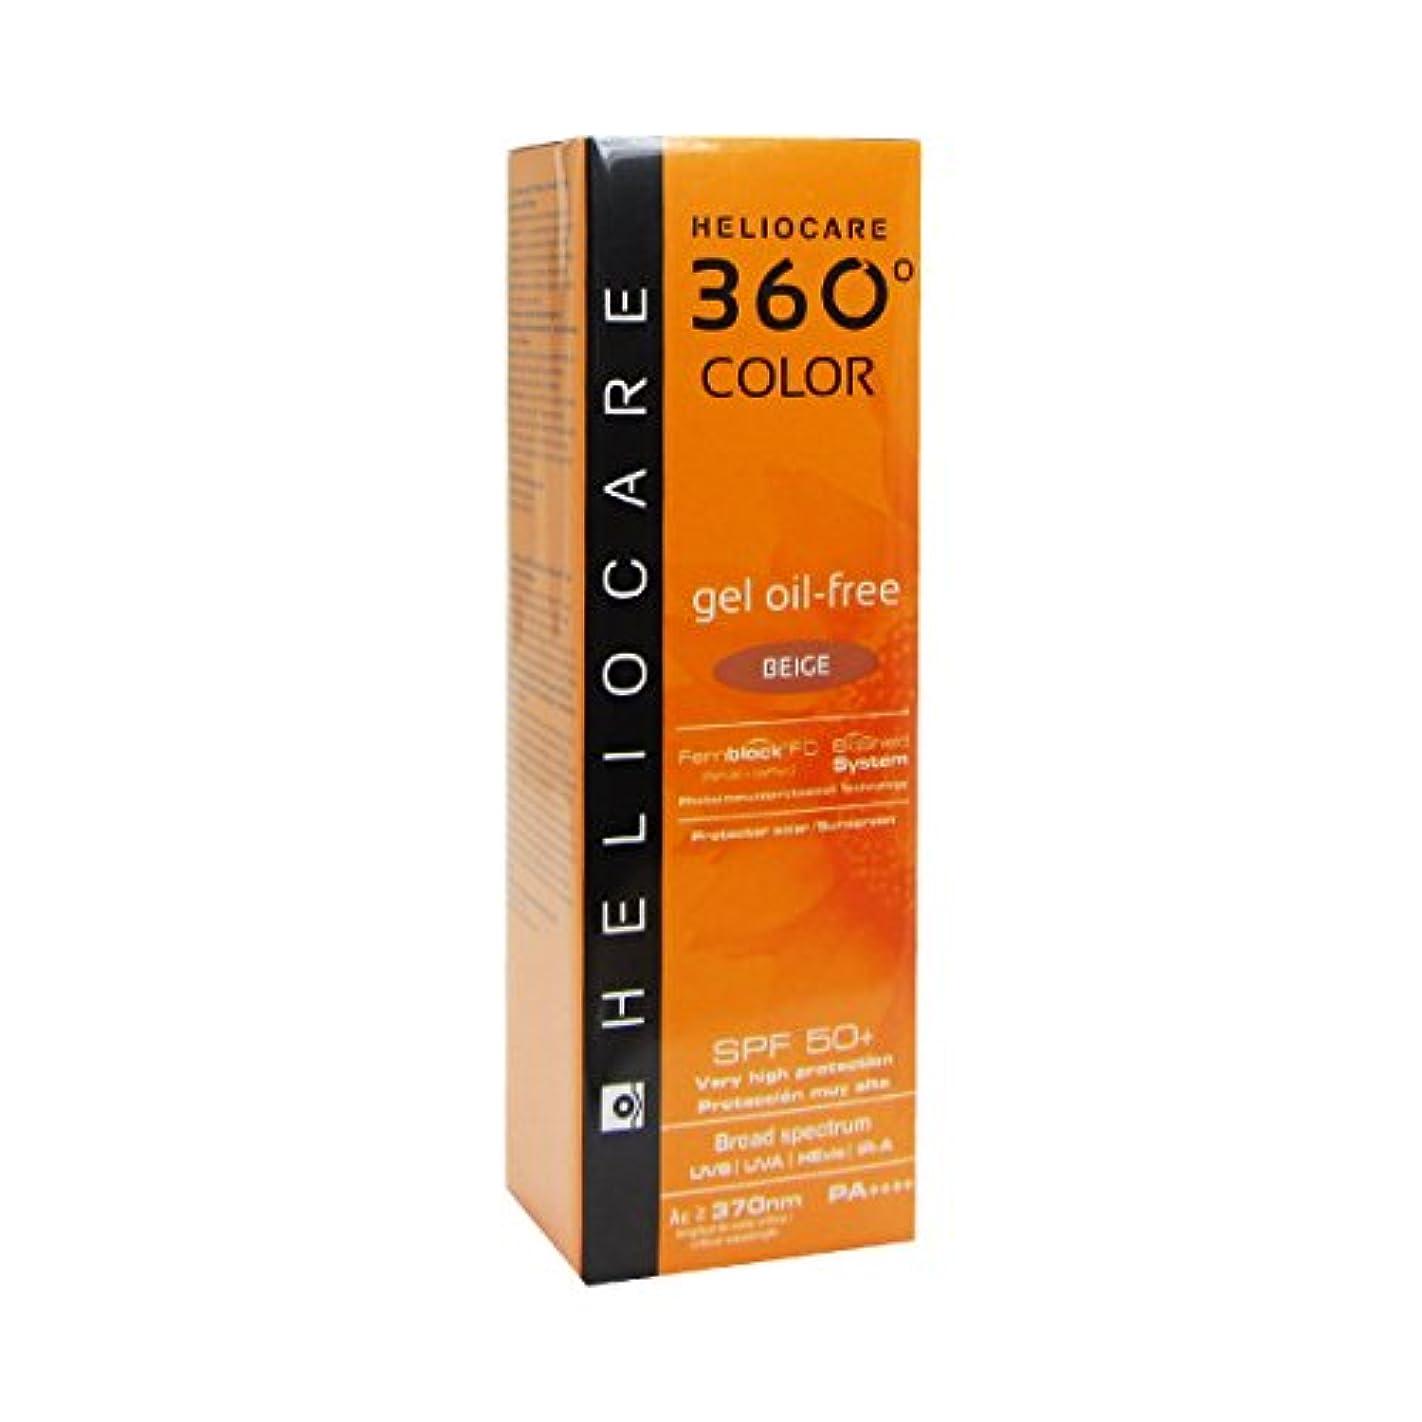 言い聞かせる妨げるペインギリックHeliocare 360 Gel-color Oil-free Spf50 Beige 50ml [並行輸入品]